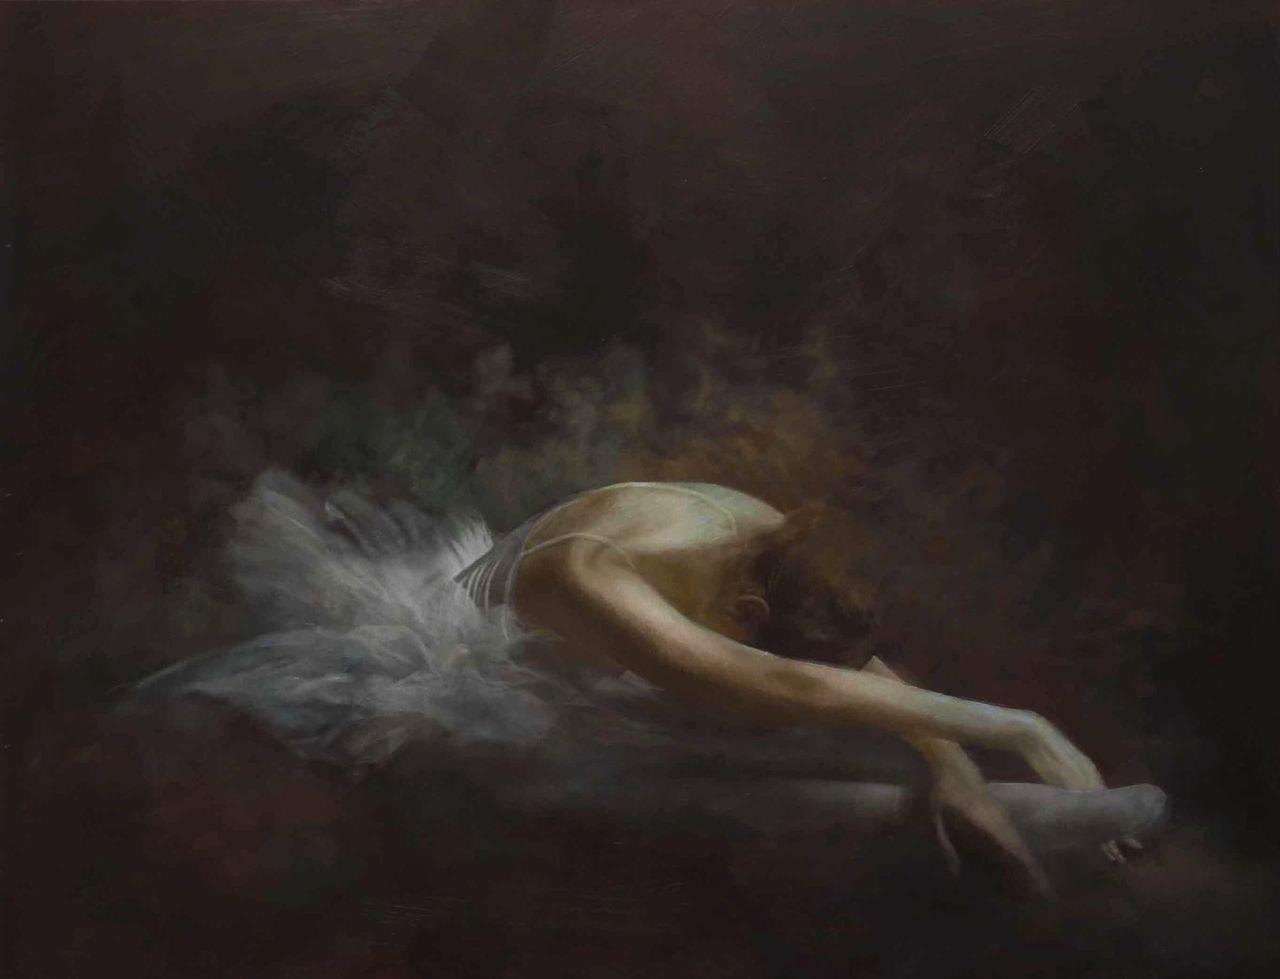 Guy Swyngedau Le rêve de Siegfried